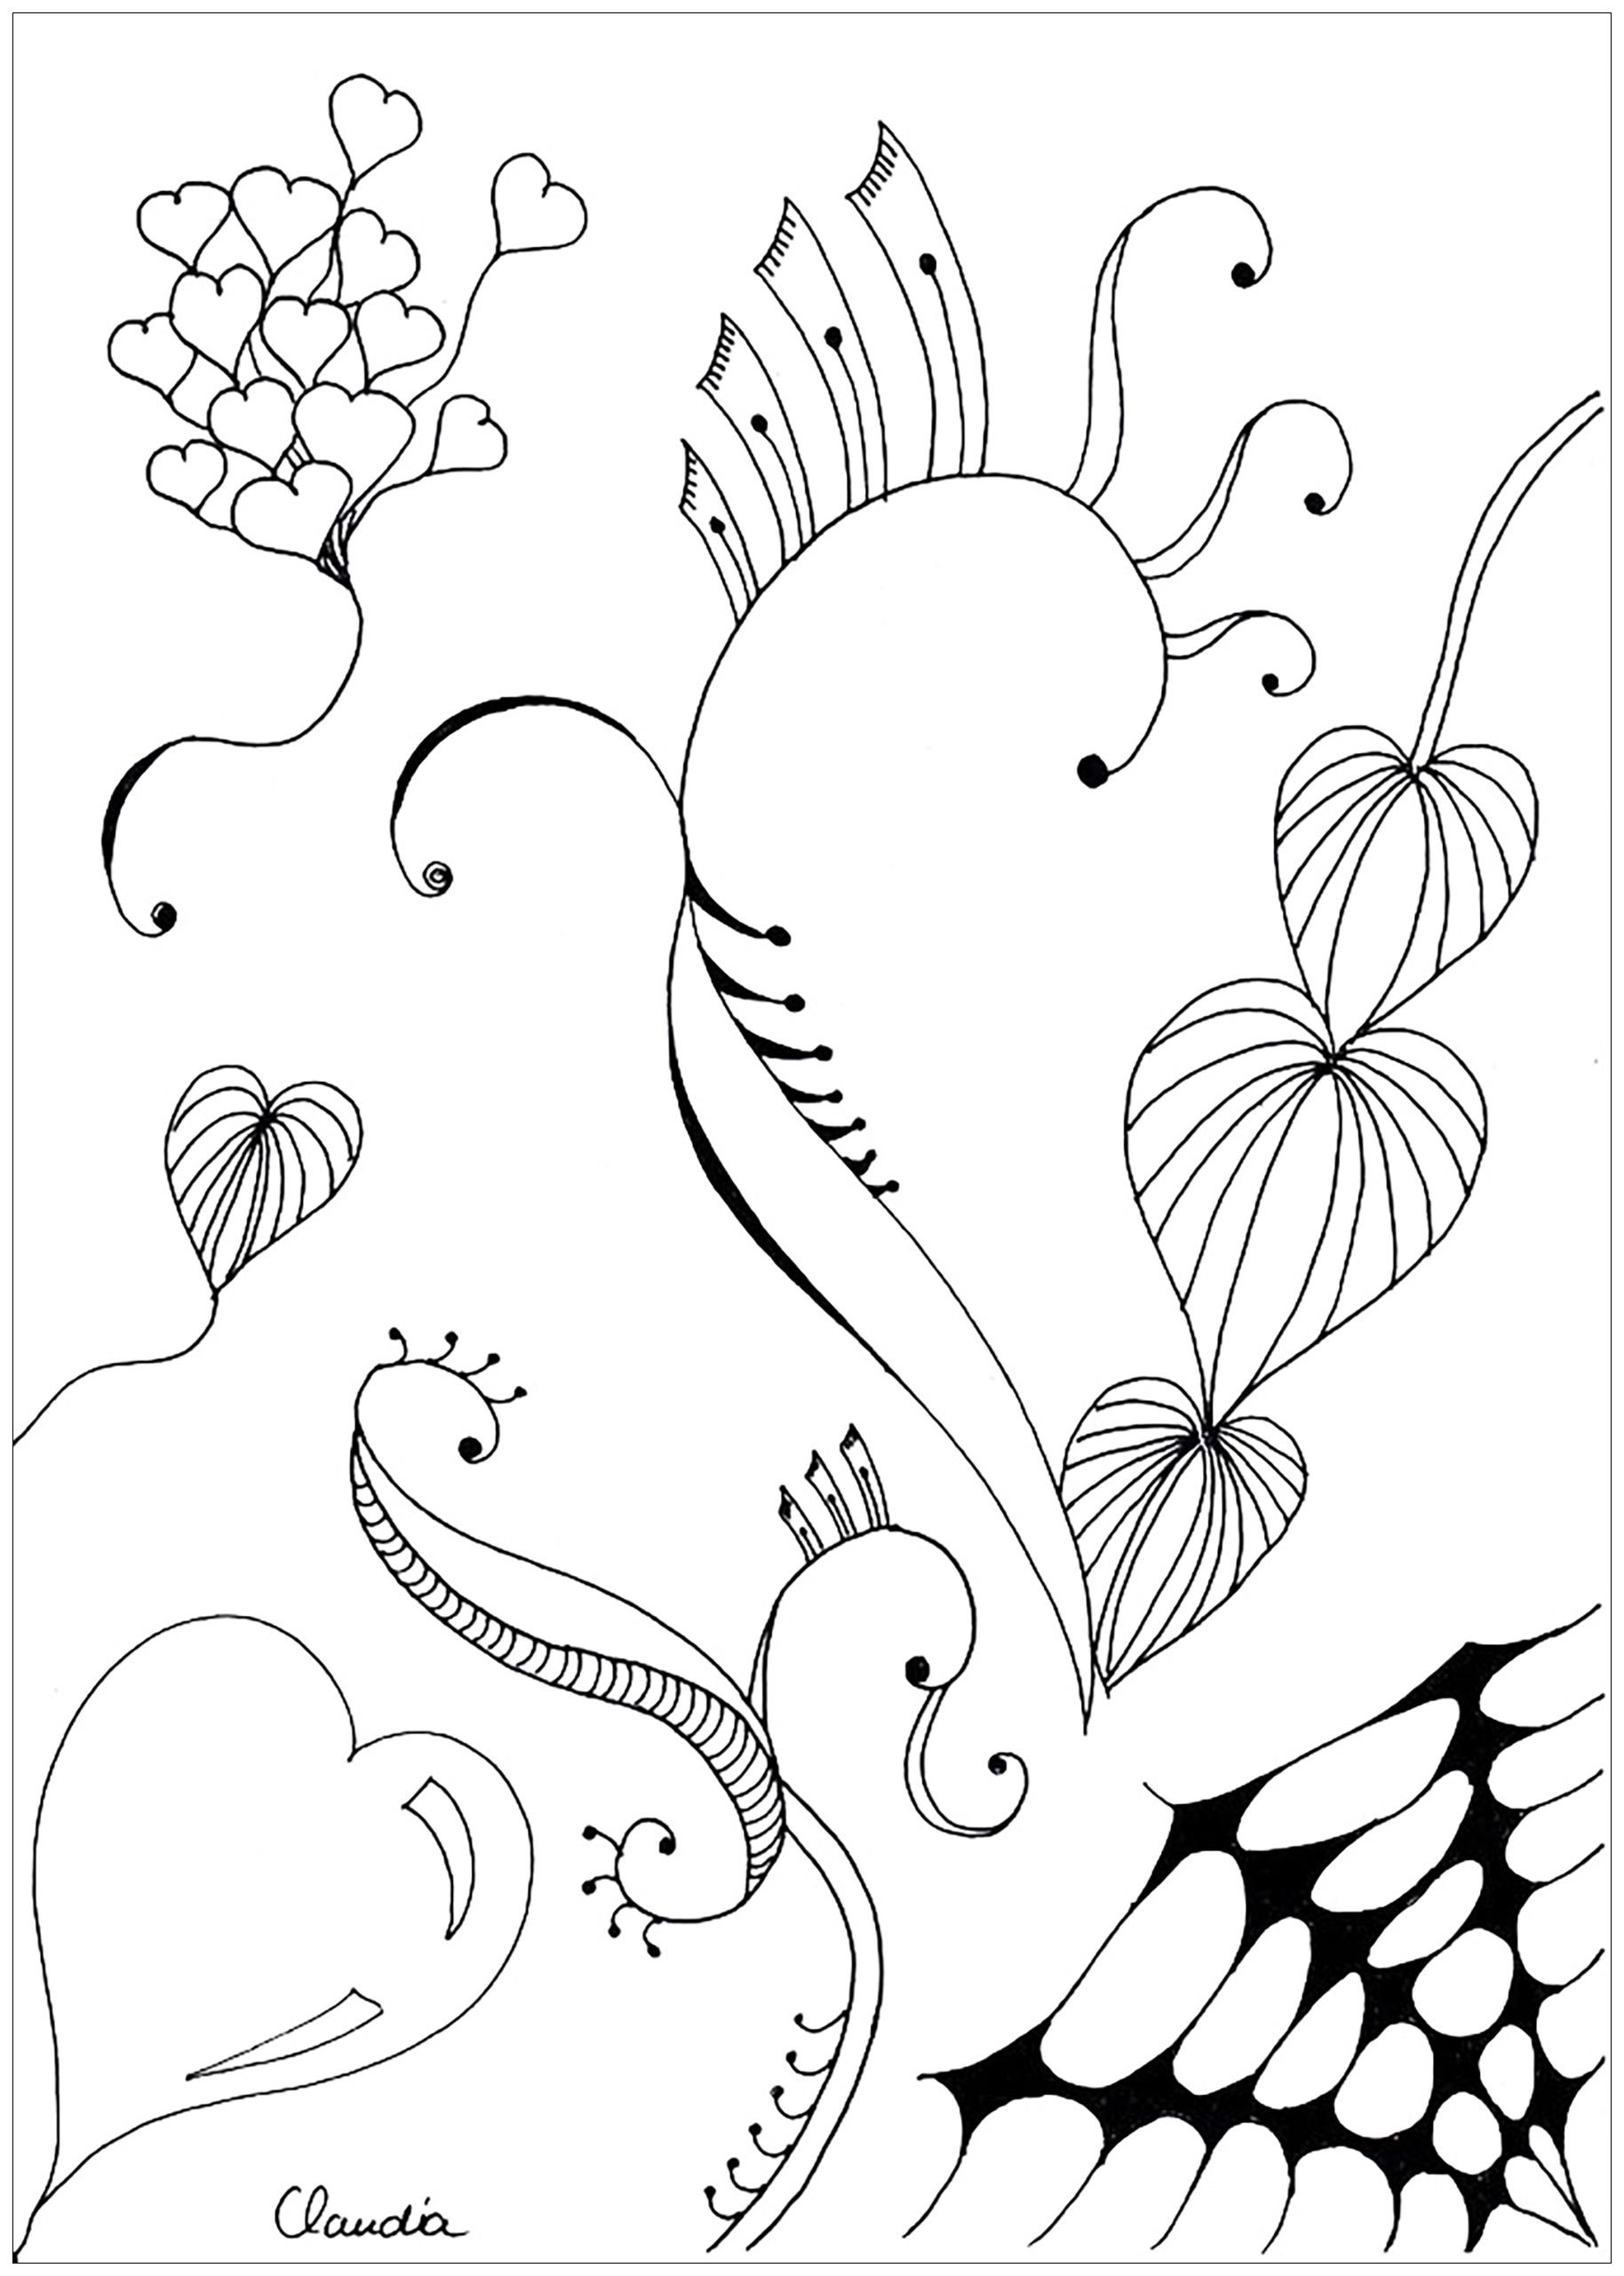 Simple Zentangle d'inspiration végétale